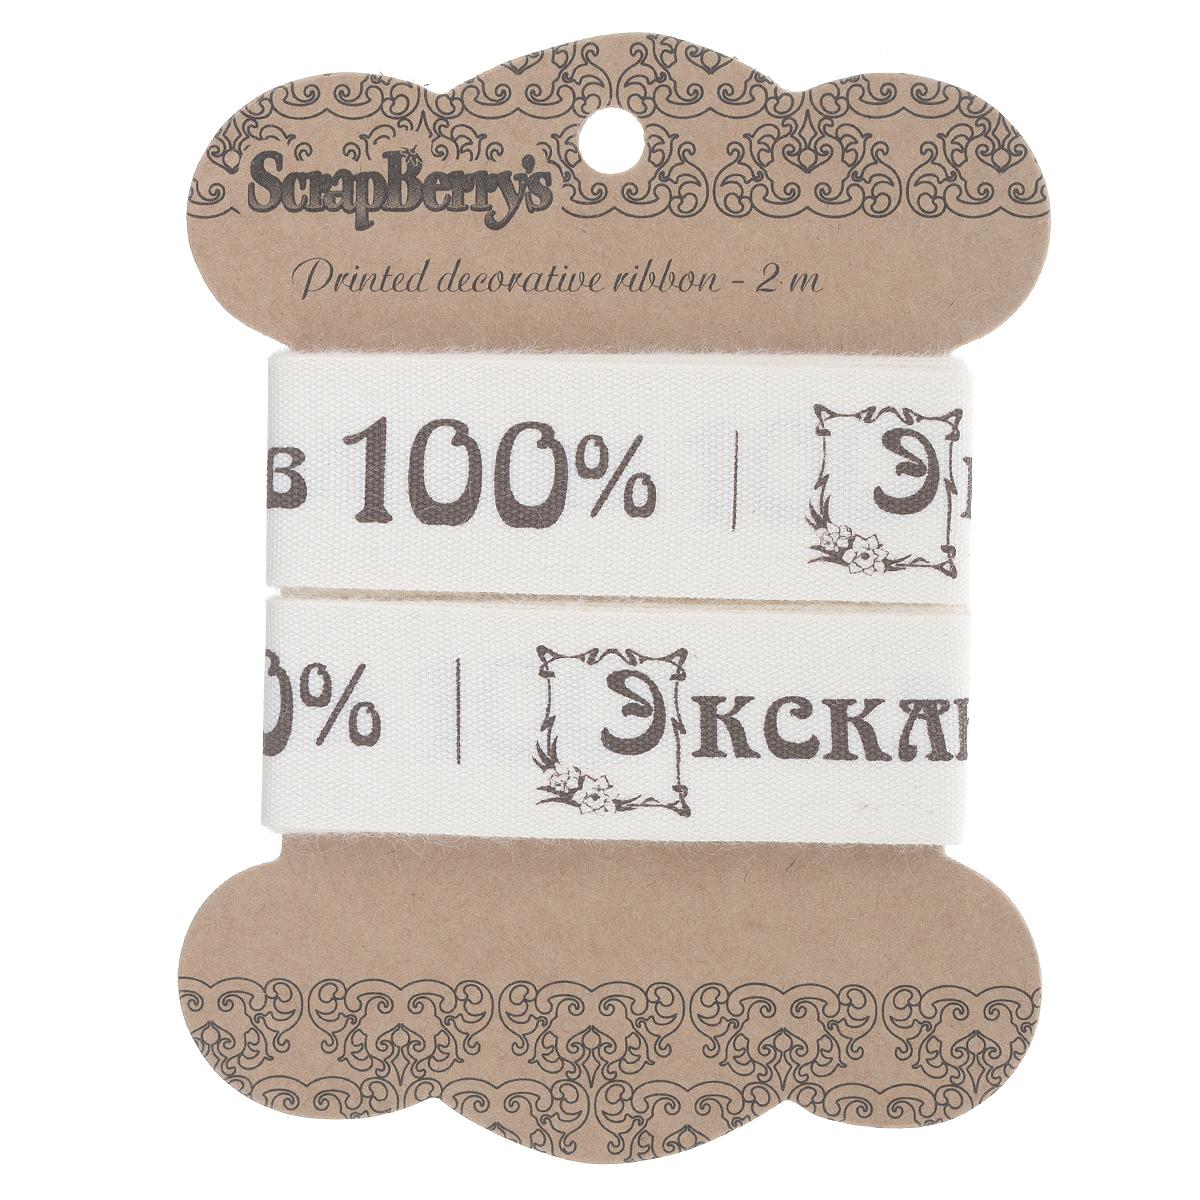 Лента декоративная ScrapBerrys Exclusive, цвет: бежевый, коричневый, 2 х 200 смSCB390306Декоративная лента ScrapBerrys Exclusive изготовлена из хлопка и оформлена оригинальной надписью. Такая лента идеально подойдет для оформления различных творческих работ таких, как скрапбукинг, аппликация, декор коробок и открыток и многое другое. Лента наивысшего качества практична в использовании. Она станет незаменимым элементом в создании рукотворного шедевра. Ширина: 2 см.Длина: 2 м.